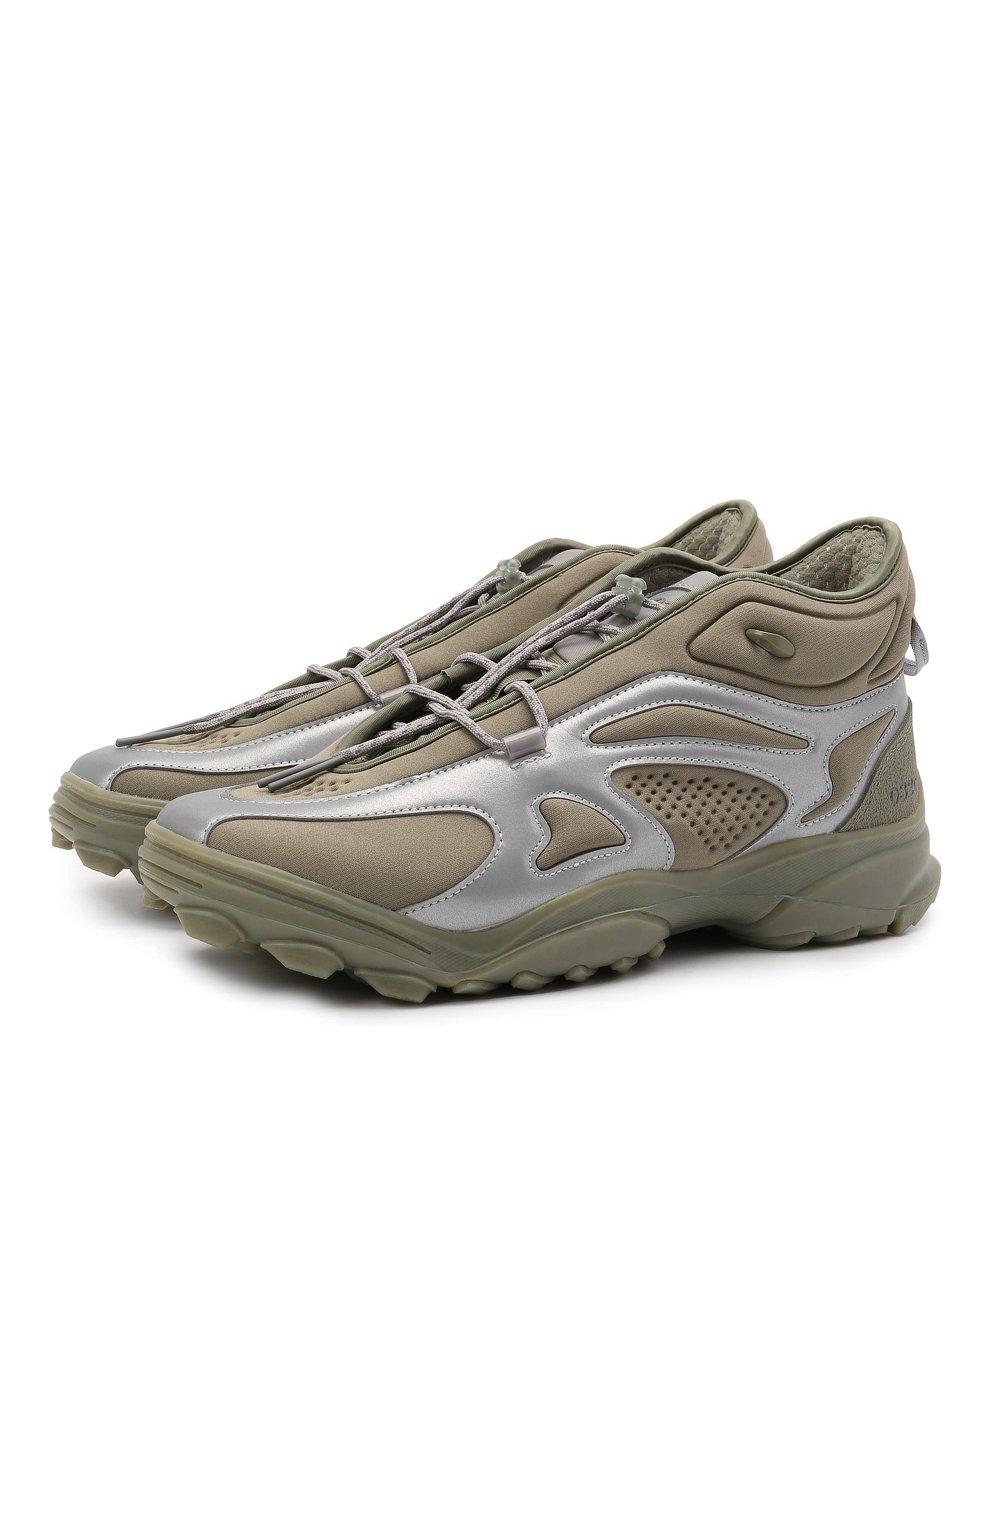 Мужские кроссовки adidas x 032c gsg running tr ADIDAS хаки цвета, арт. FY5376   Фото 1 (Материал внешний: Текстиль; Материал внутренний: Текстиль; Подошва: Массивная)